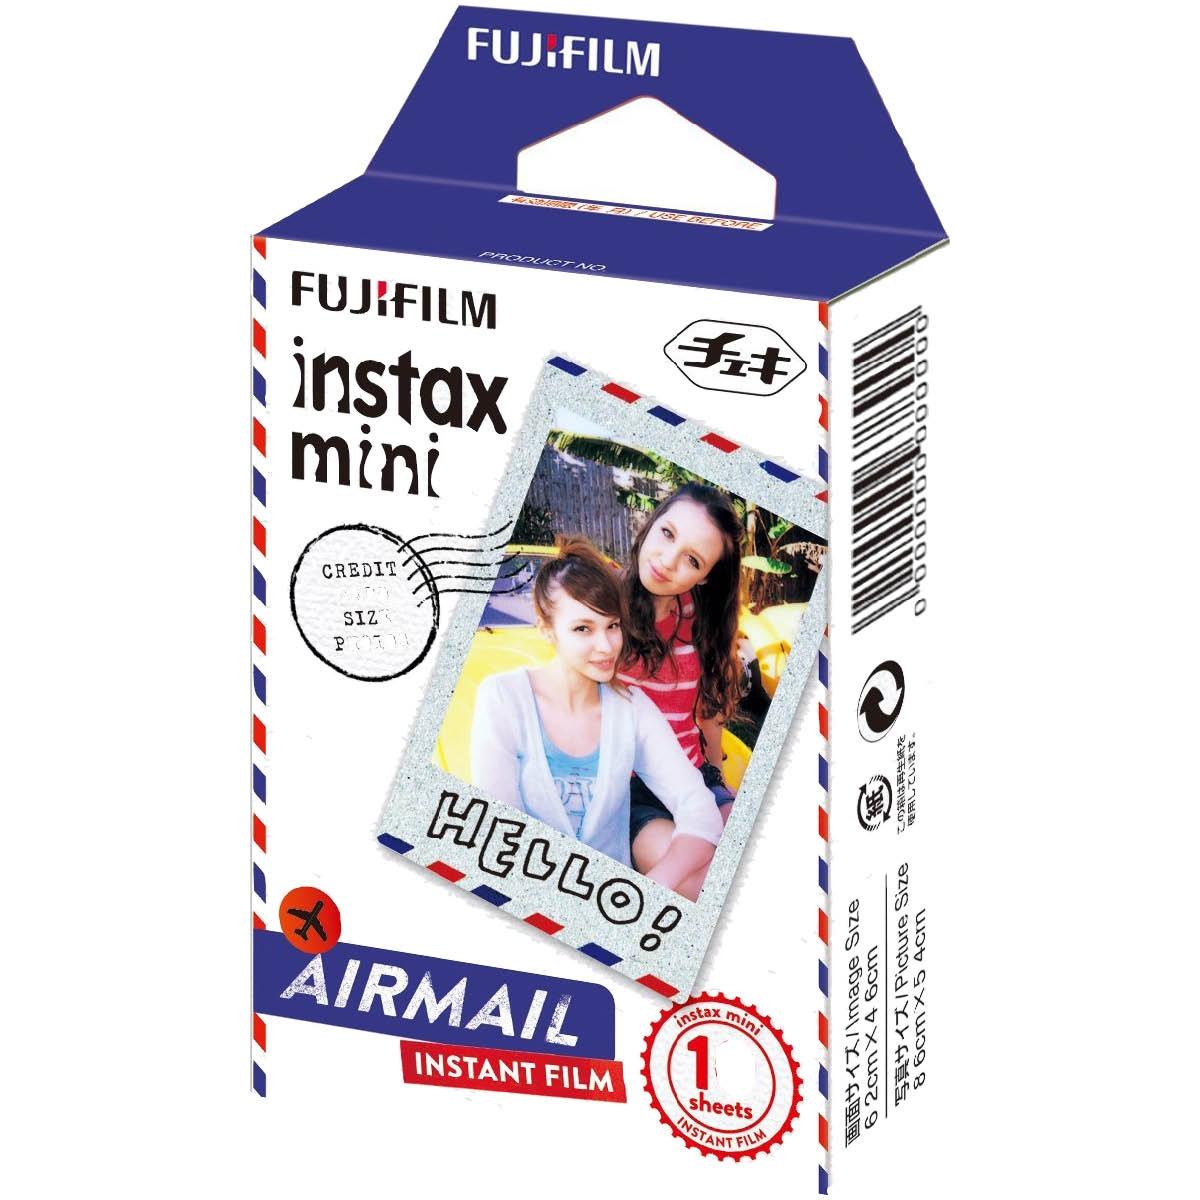 Fujifilm Instax Mini Airmail Film